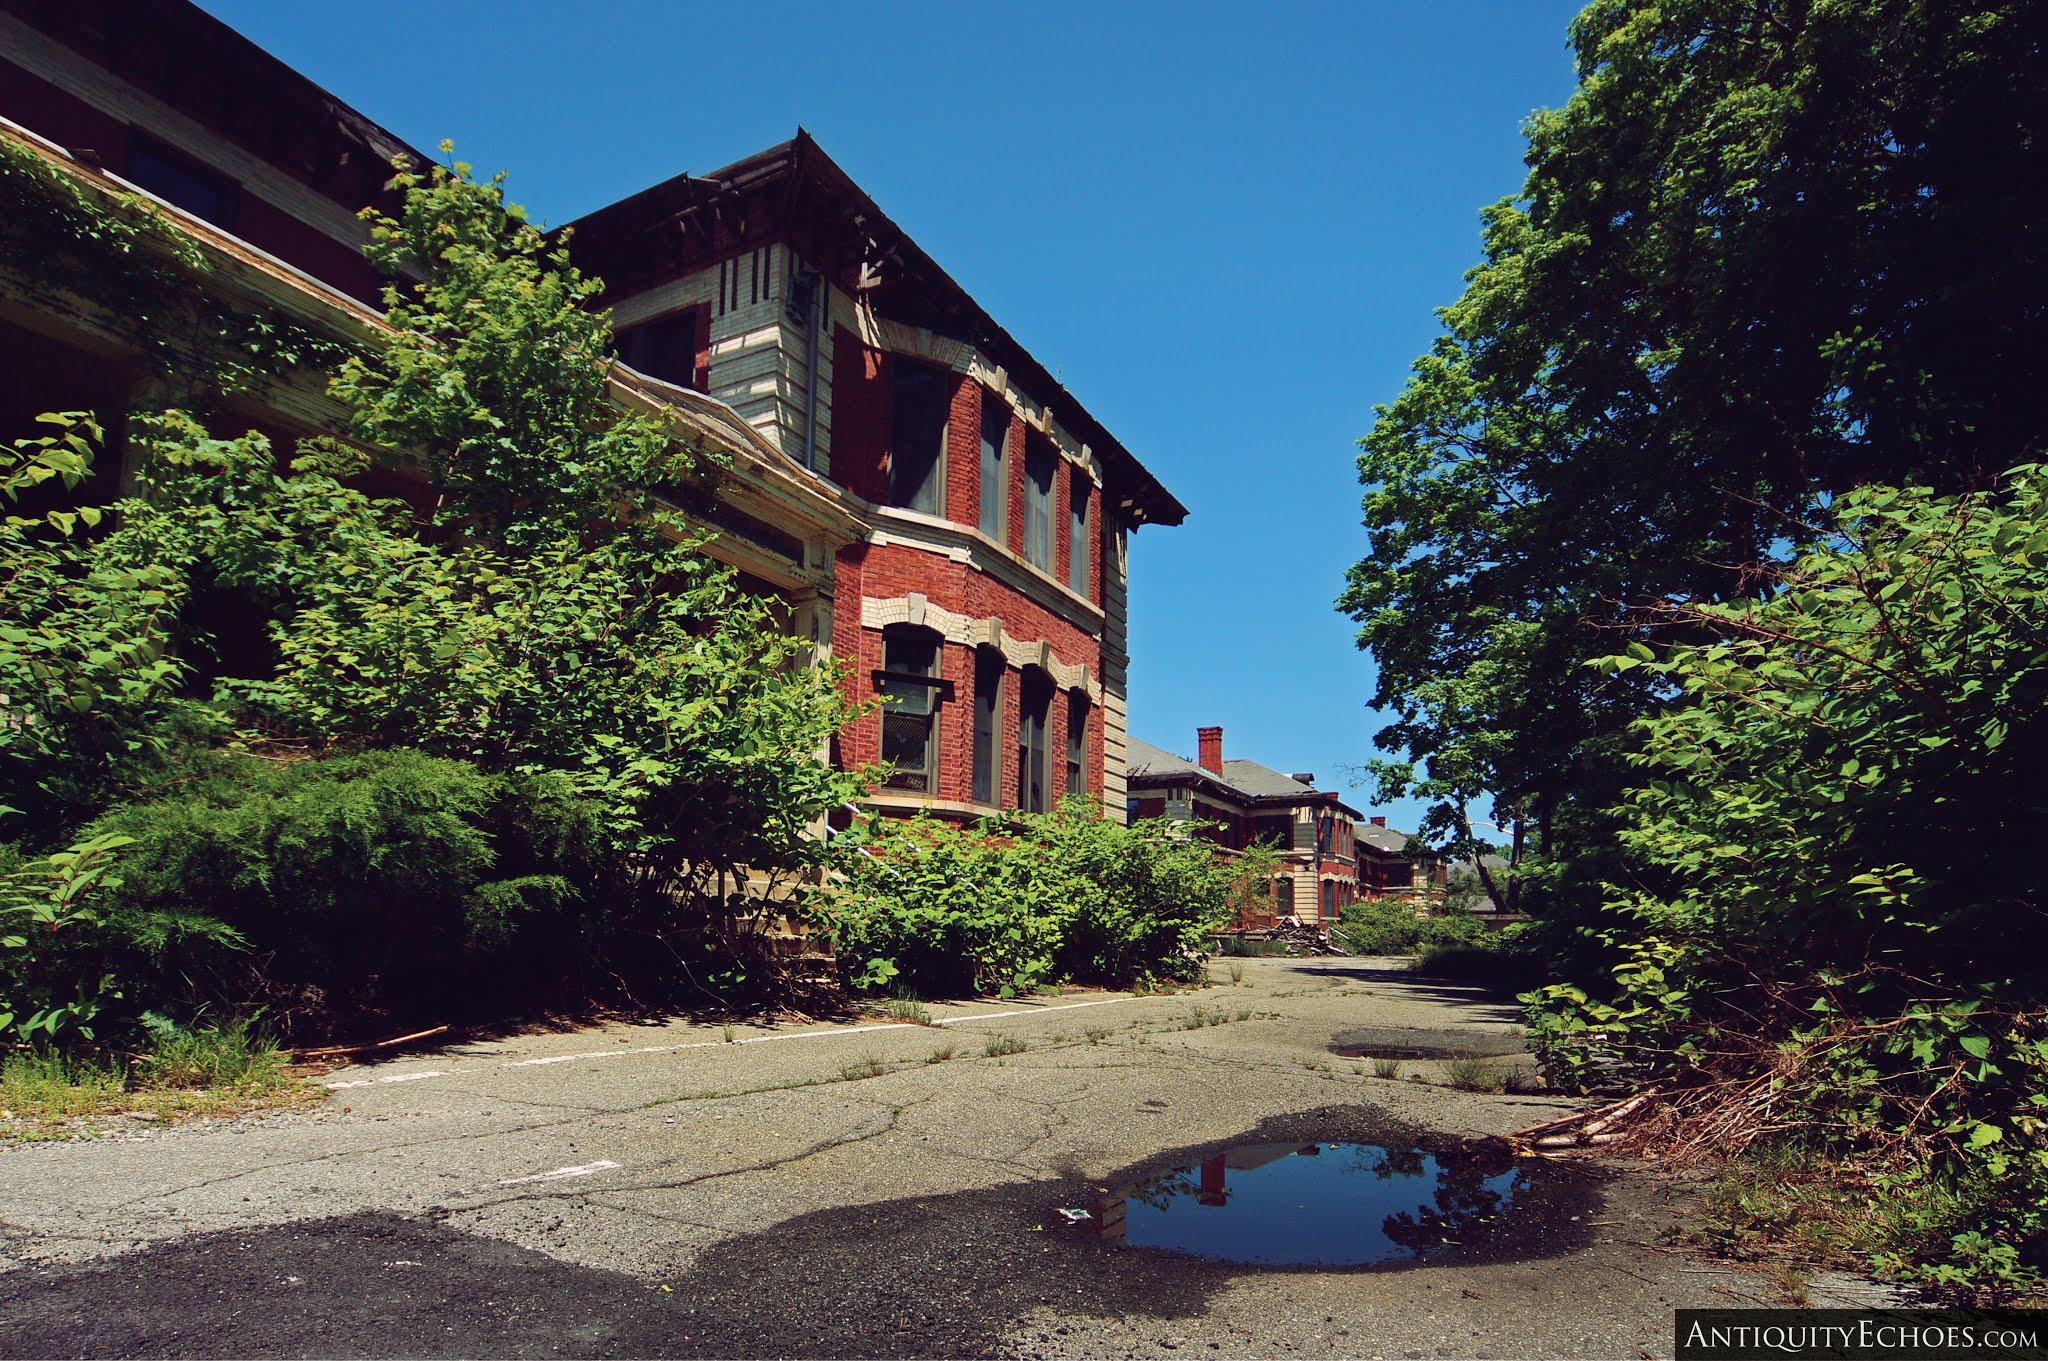 Overbrook Asylum - Overgrown Campus